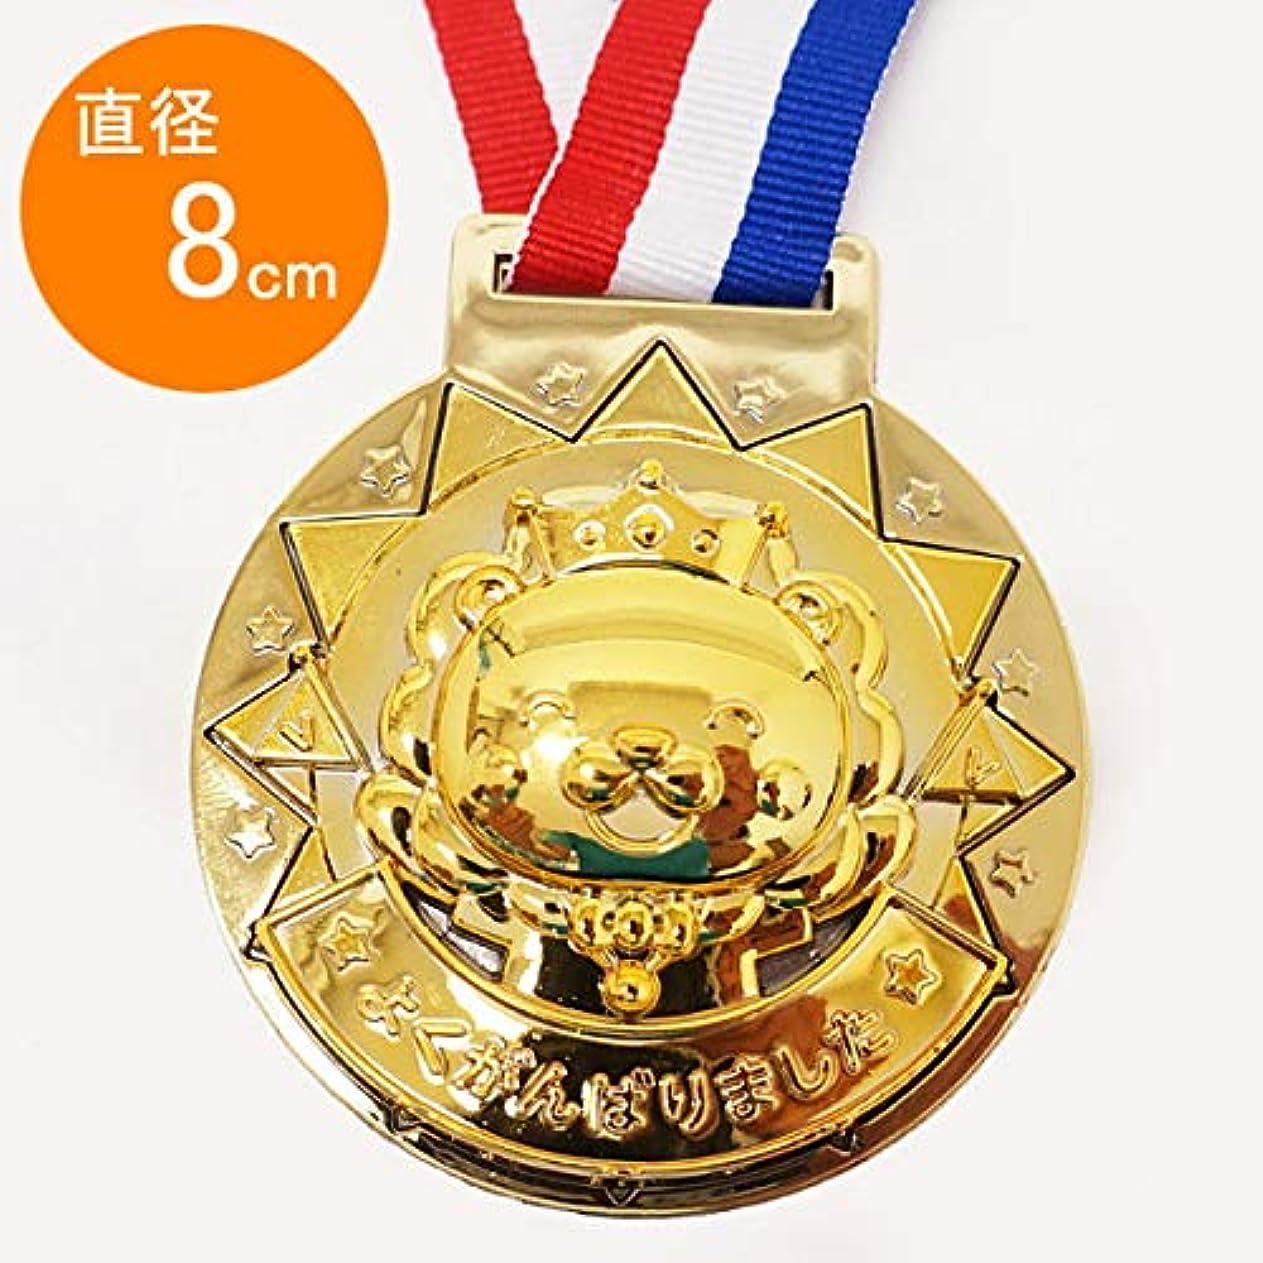 まっすぐ最初バドミントン立体ゴールドメダル直径8cm ライオン / 運動会 表彰 景品 マラソン  23539